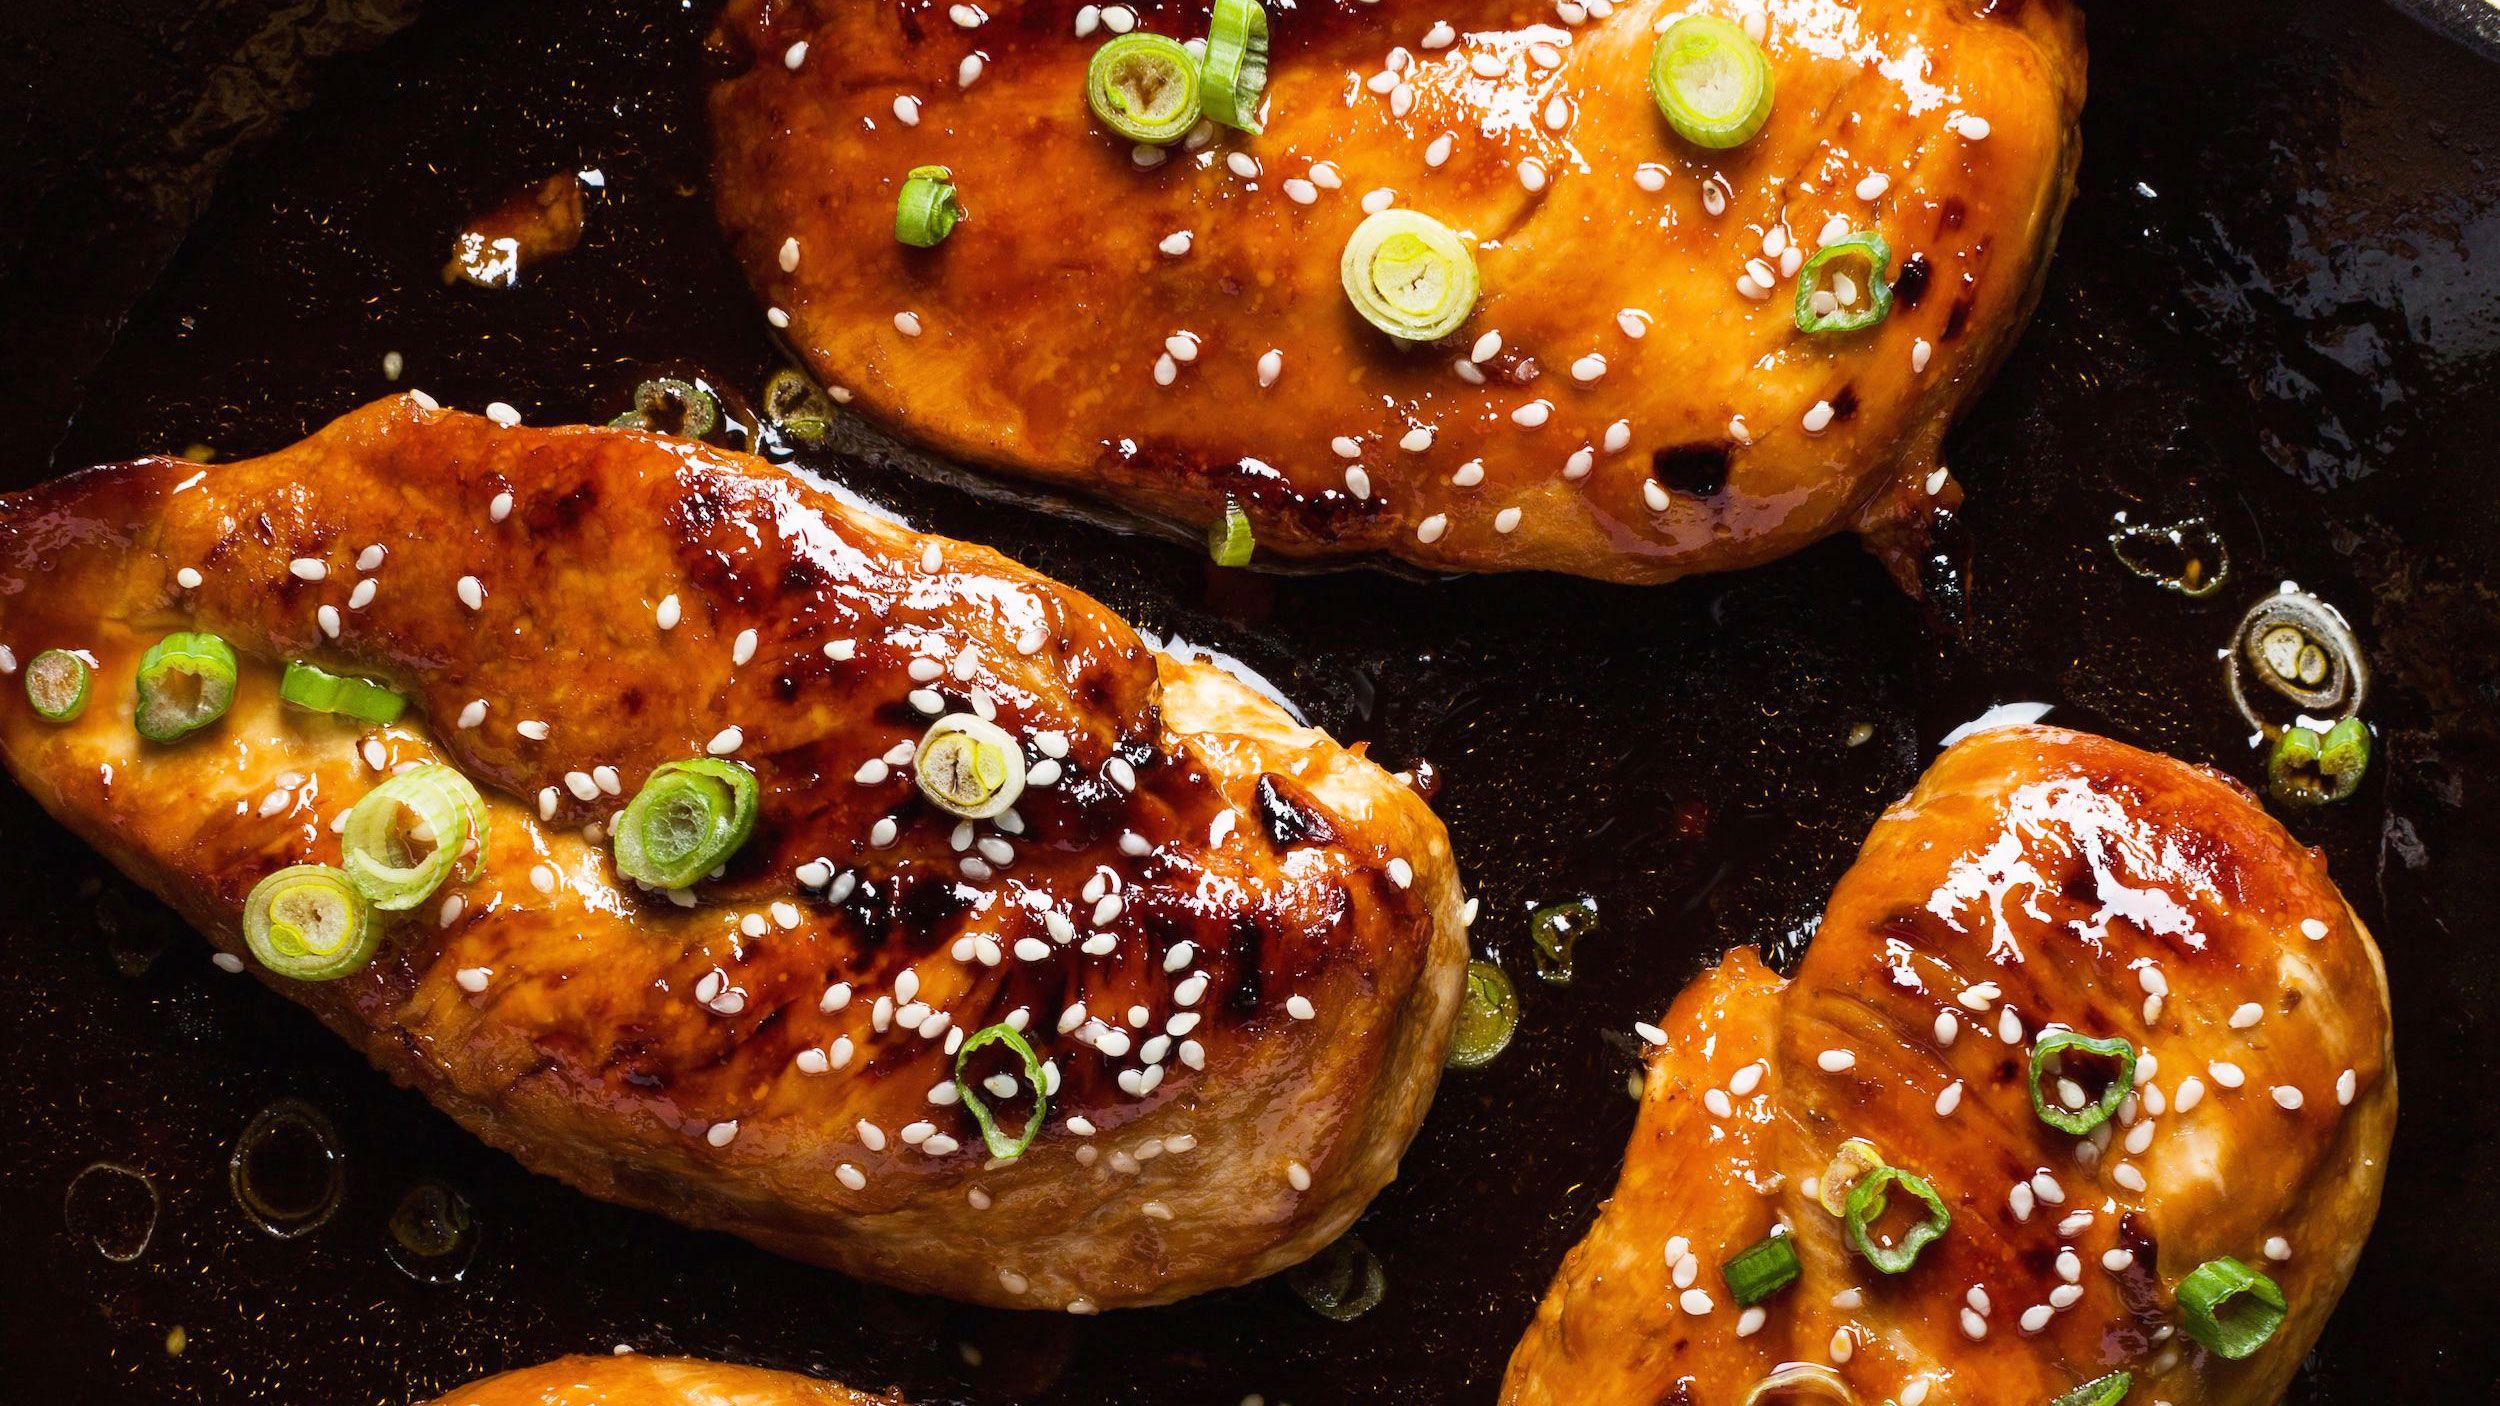 وصفة الدجاج على الطريقة الصينية بالعسل و صوص الصويا